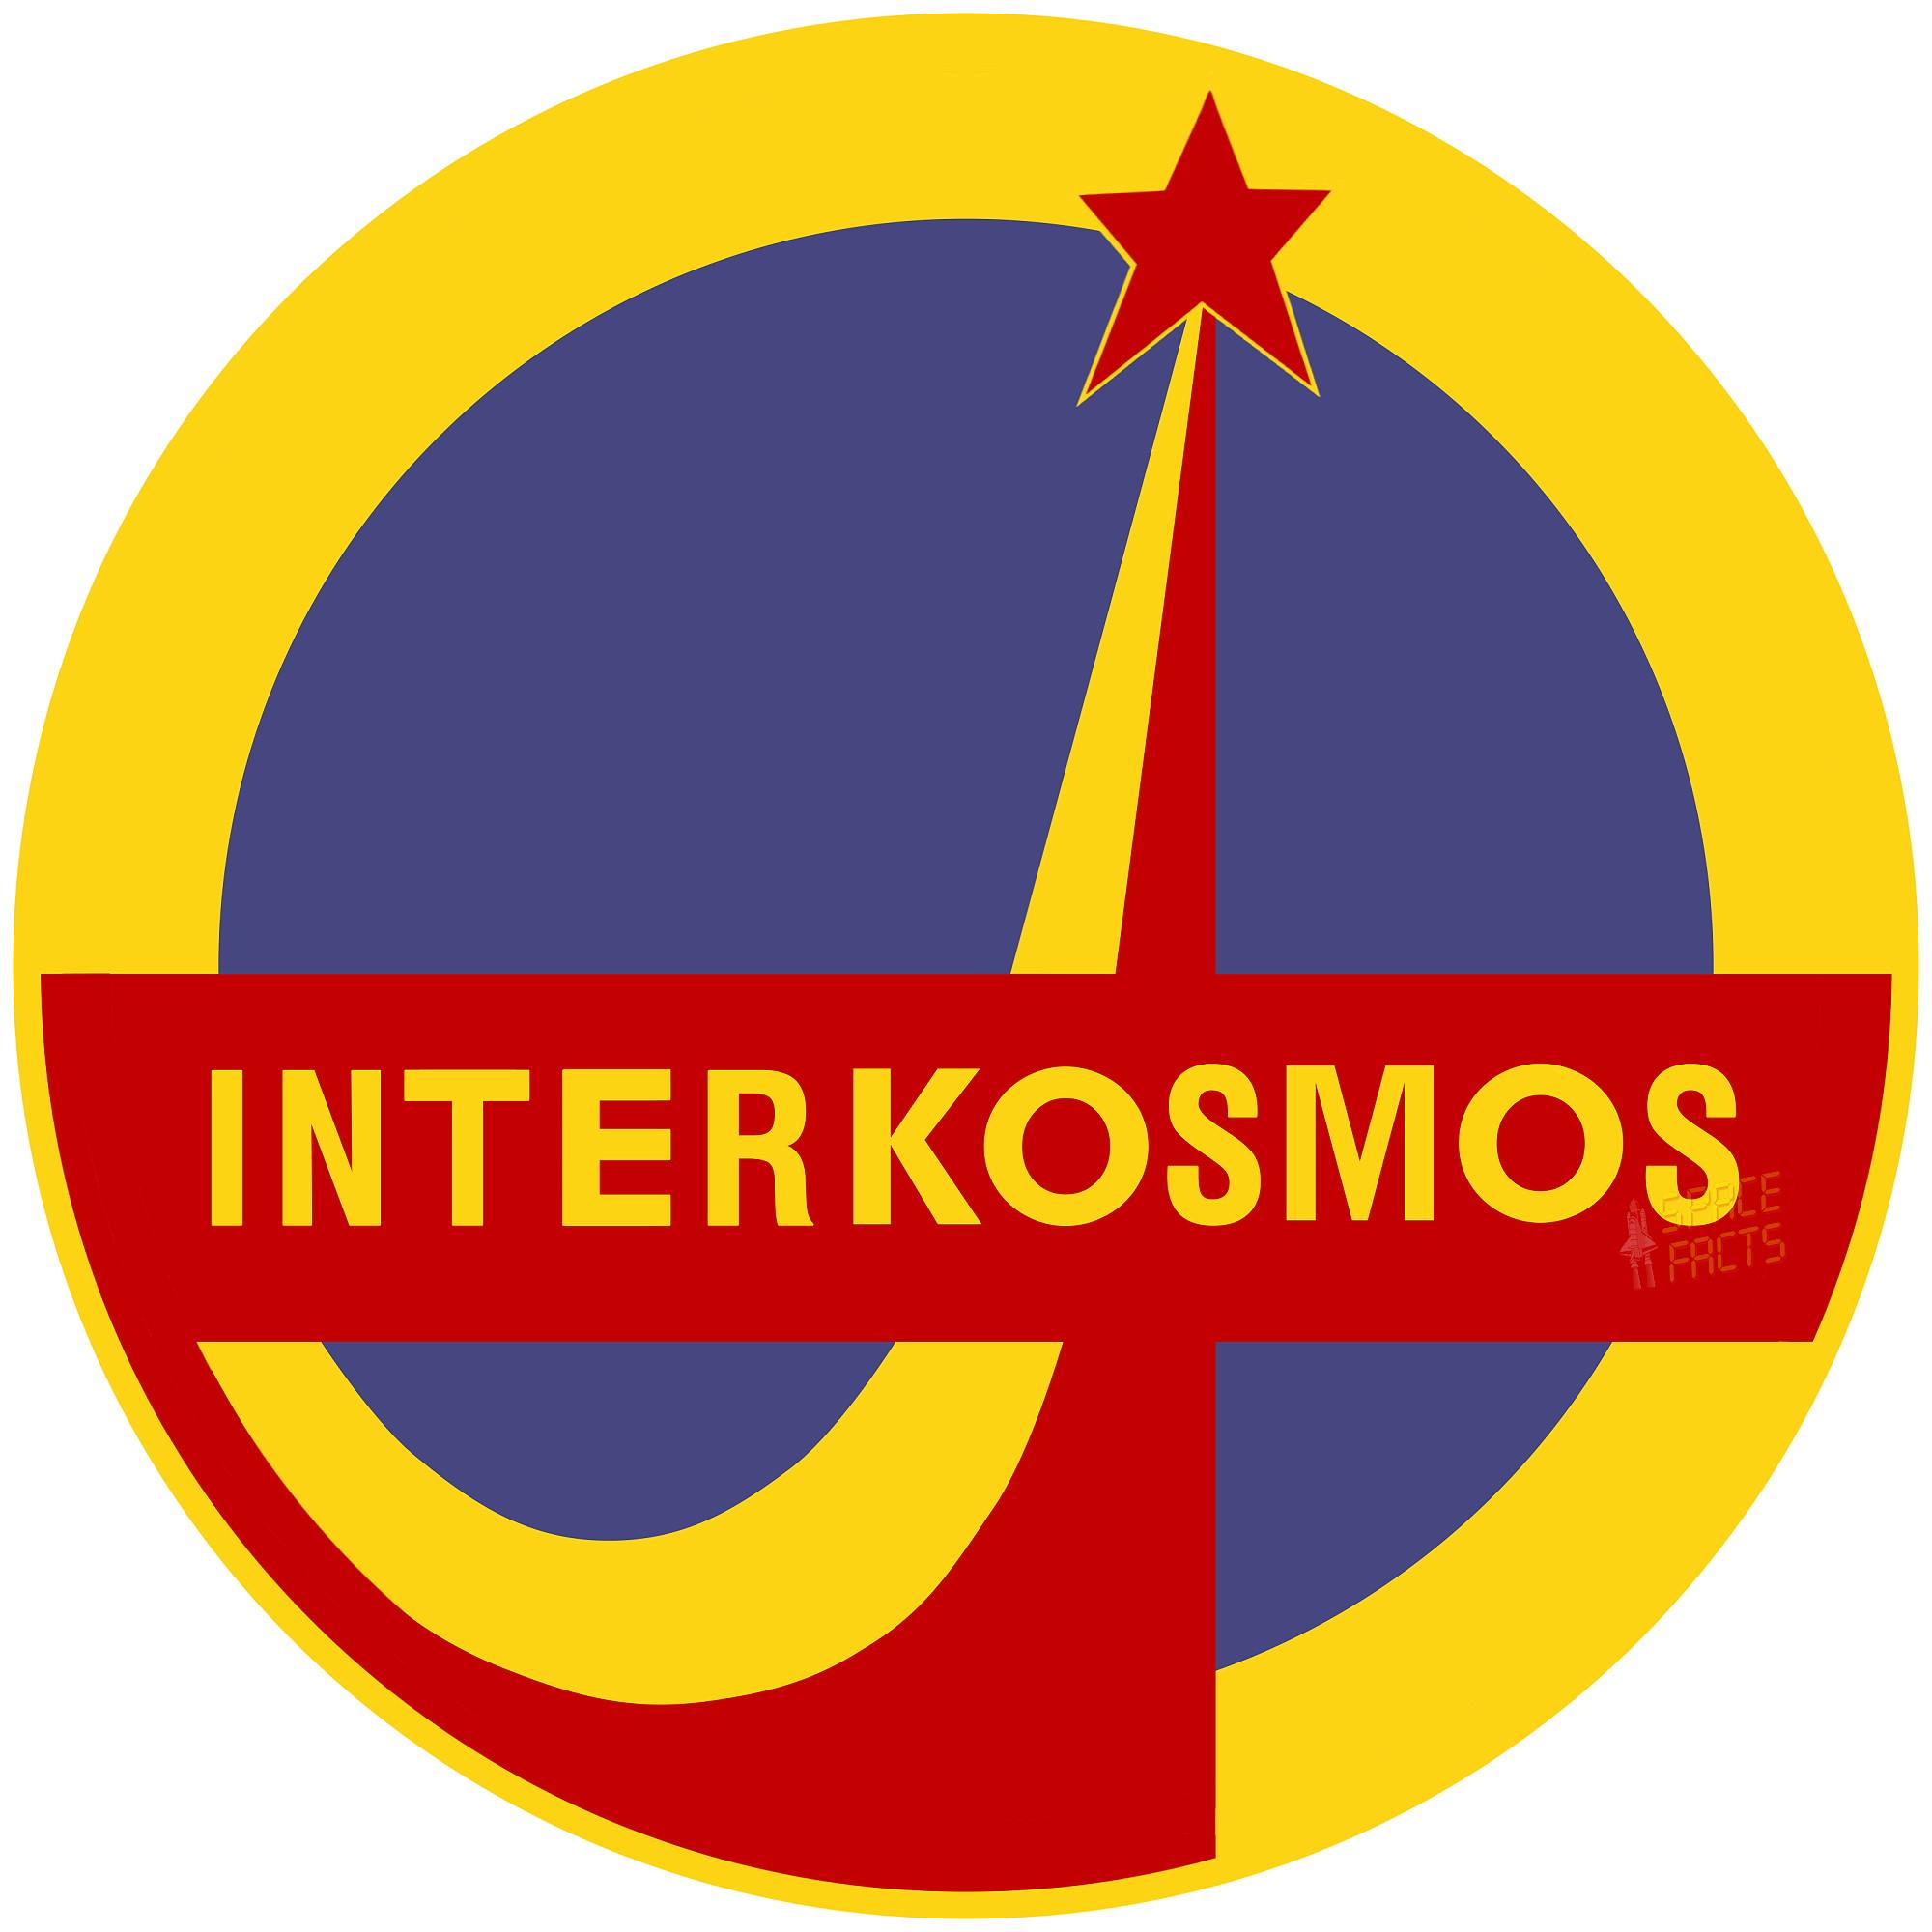 interkosmos_38